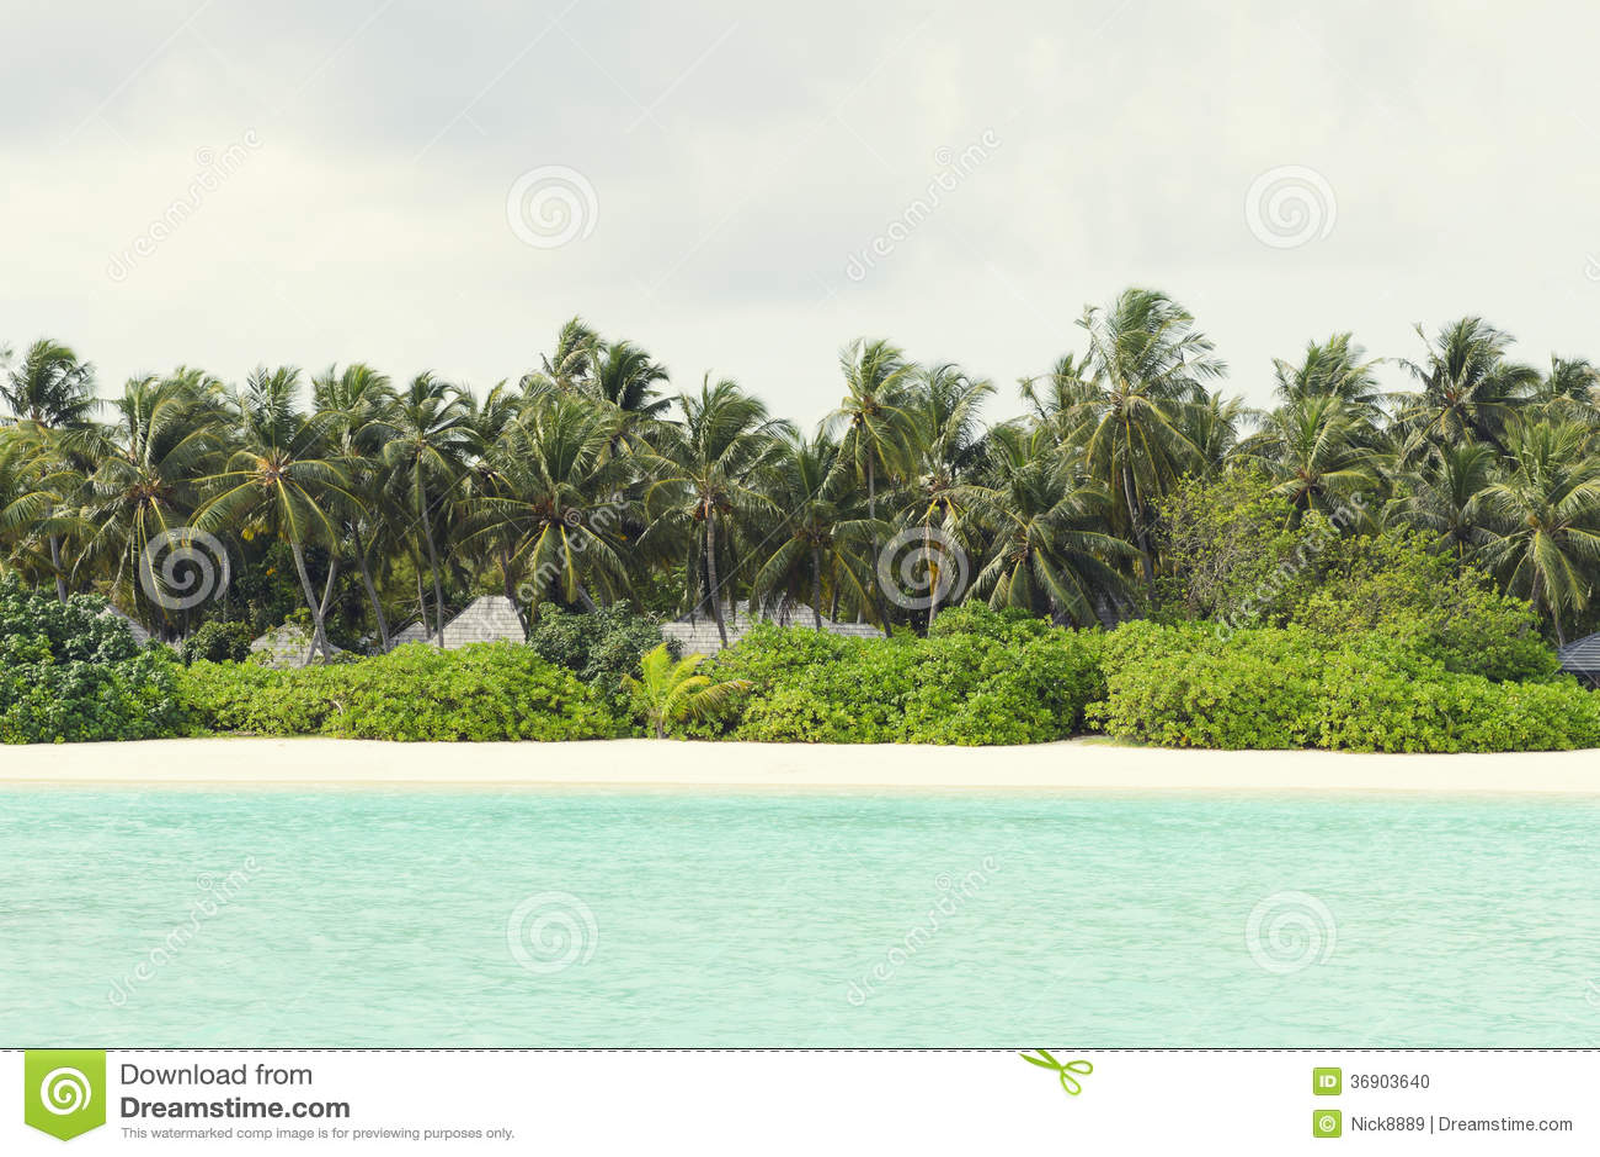 ocean landscapes beach paradise - photo #26